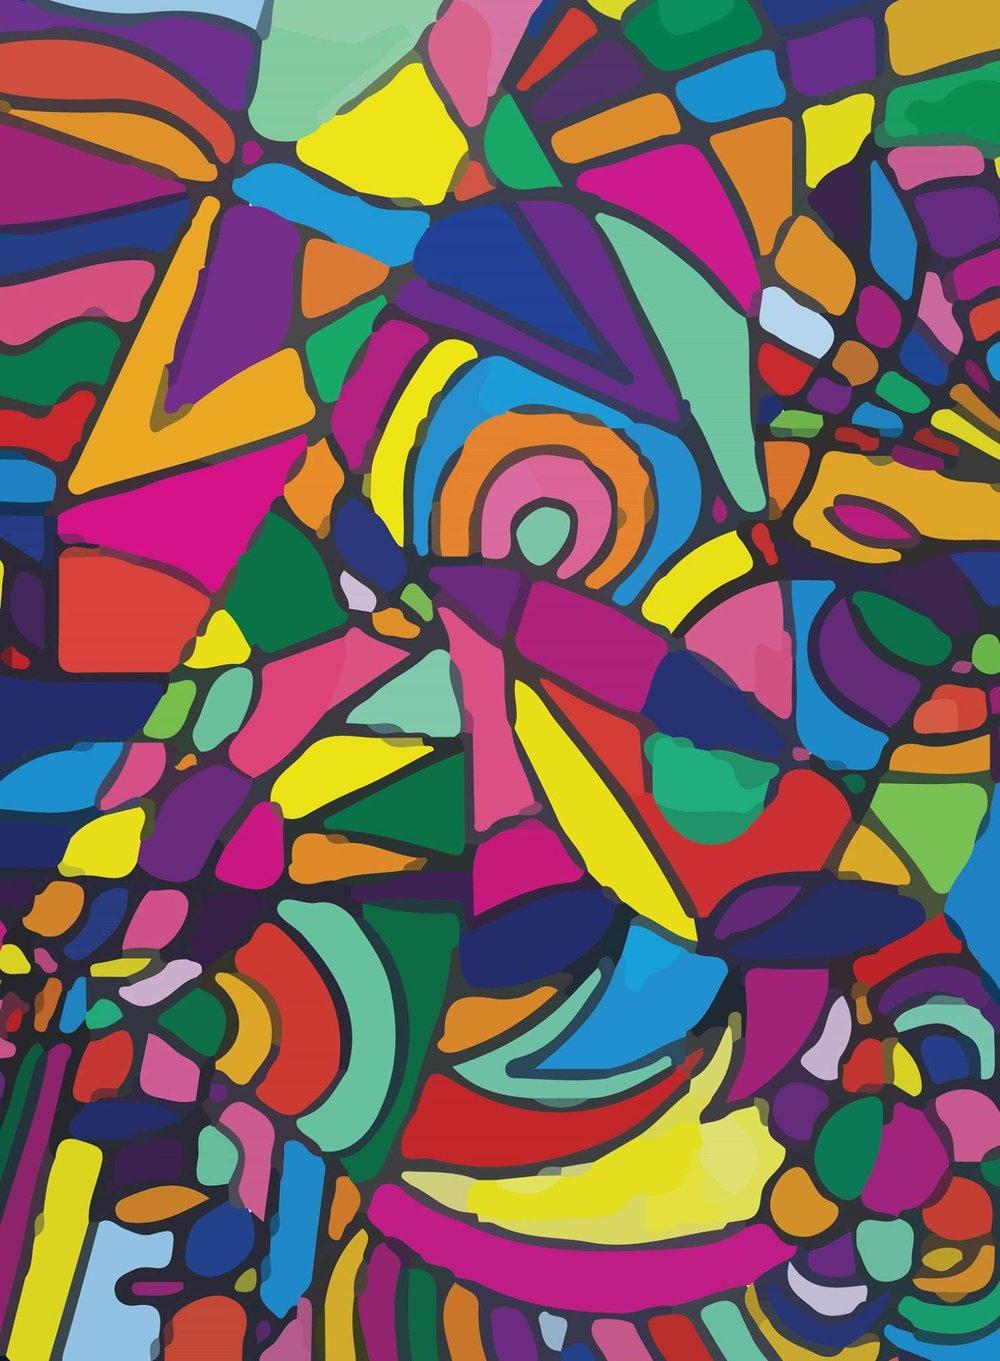 stainedglass_art.jpg